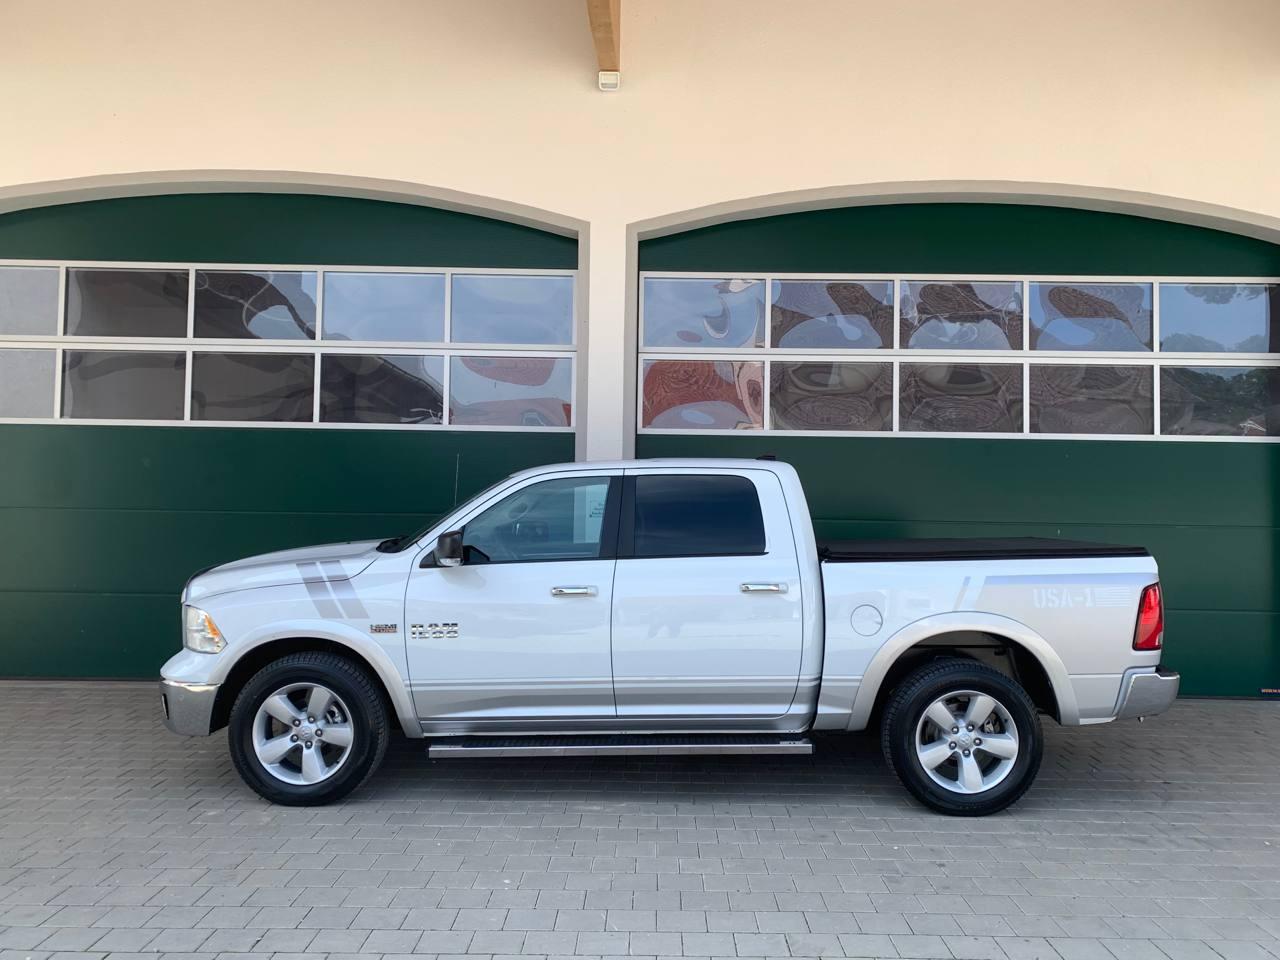 2017 Dodge Ram 1500 Zu Verkaufen